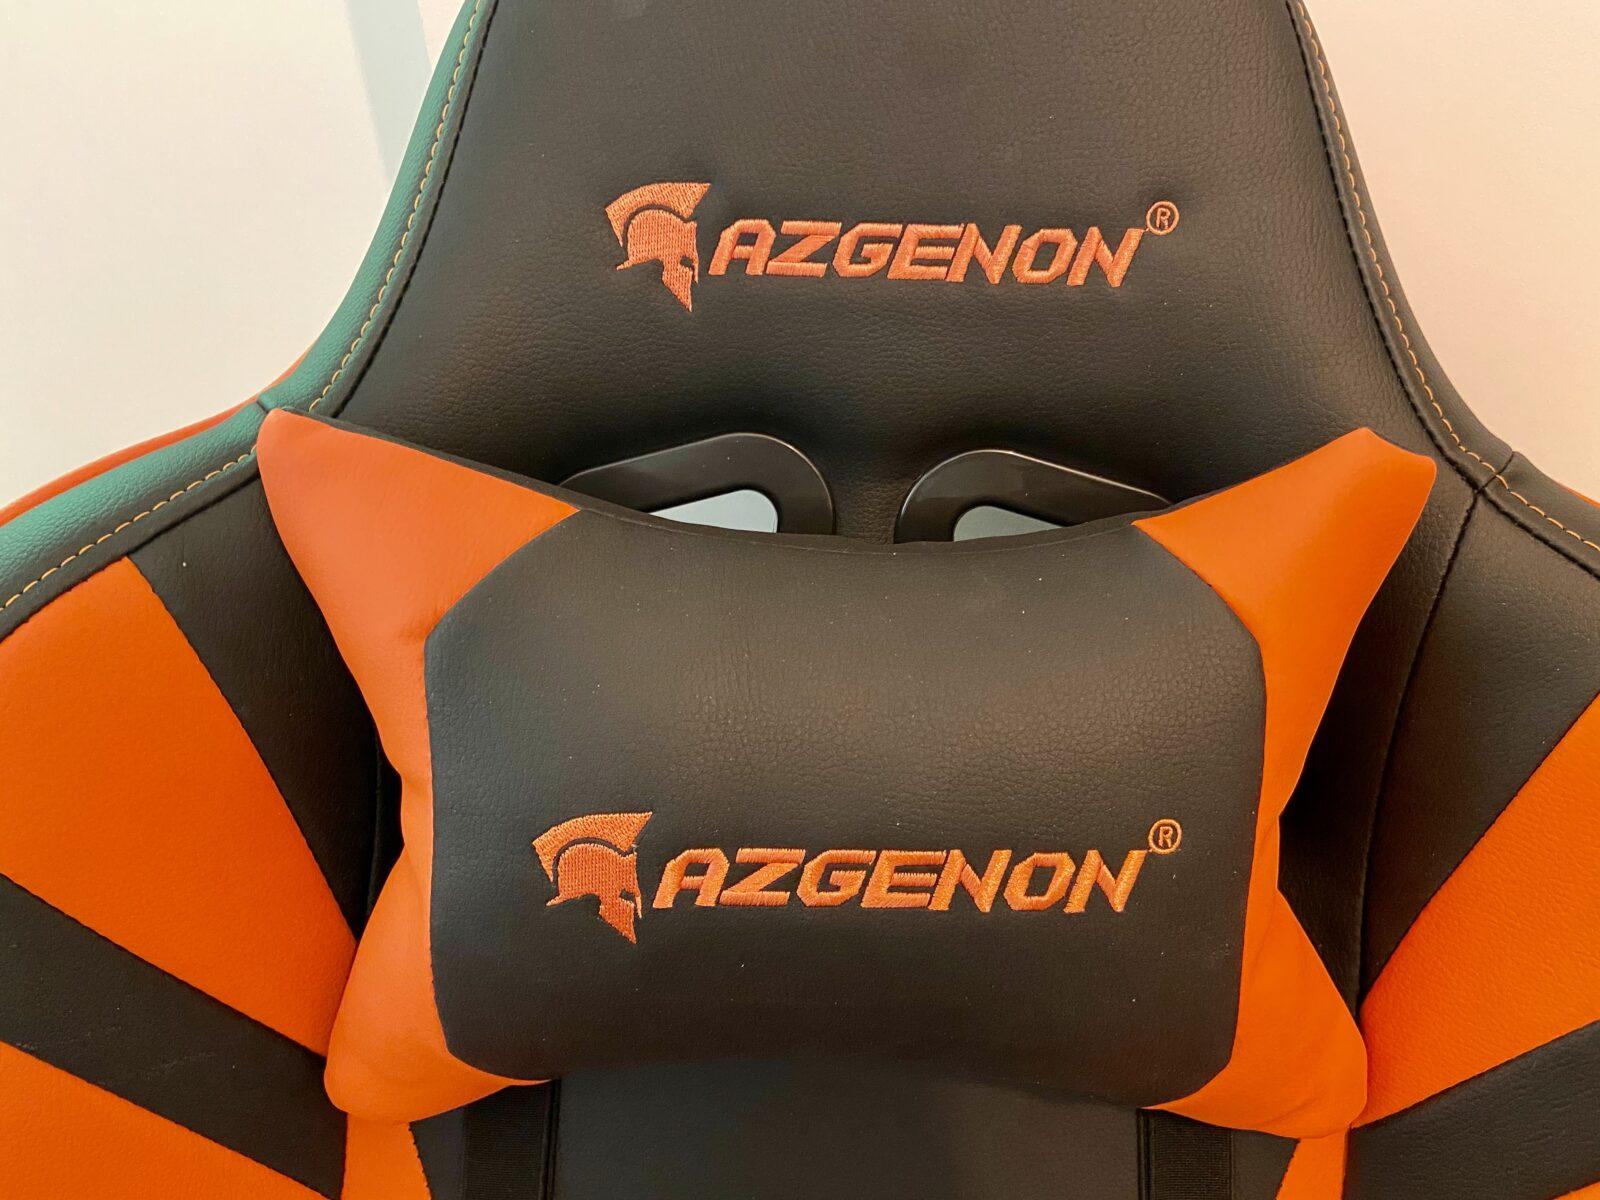 AZGENON Z300